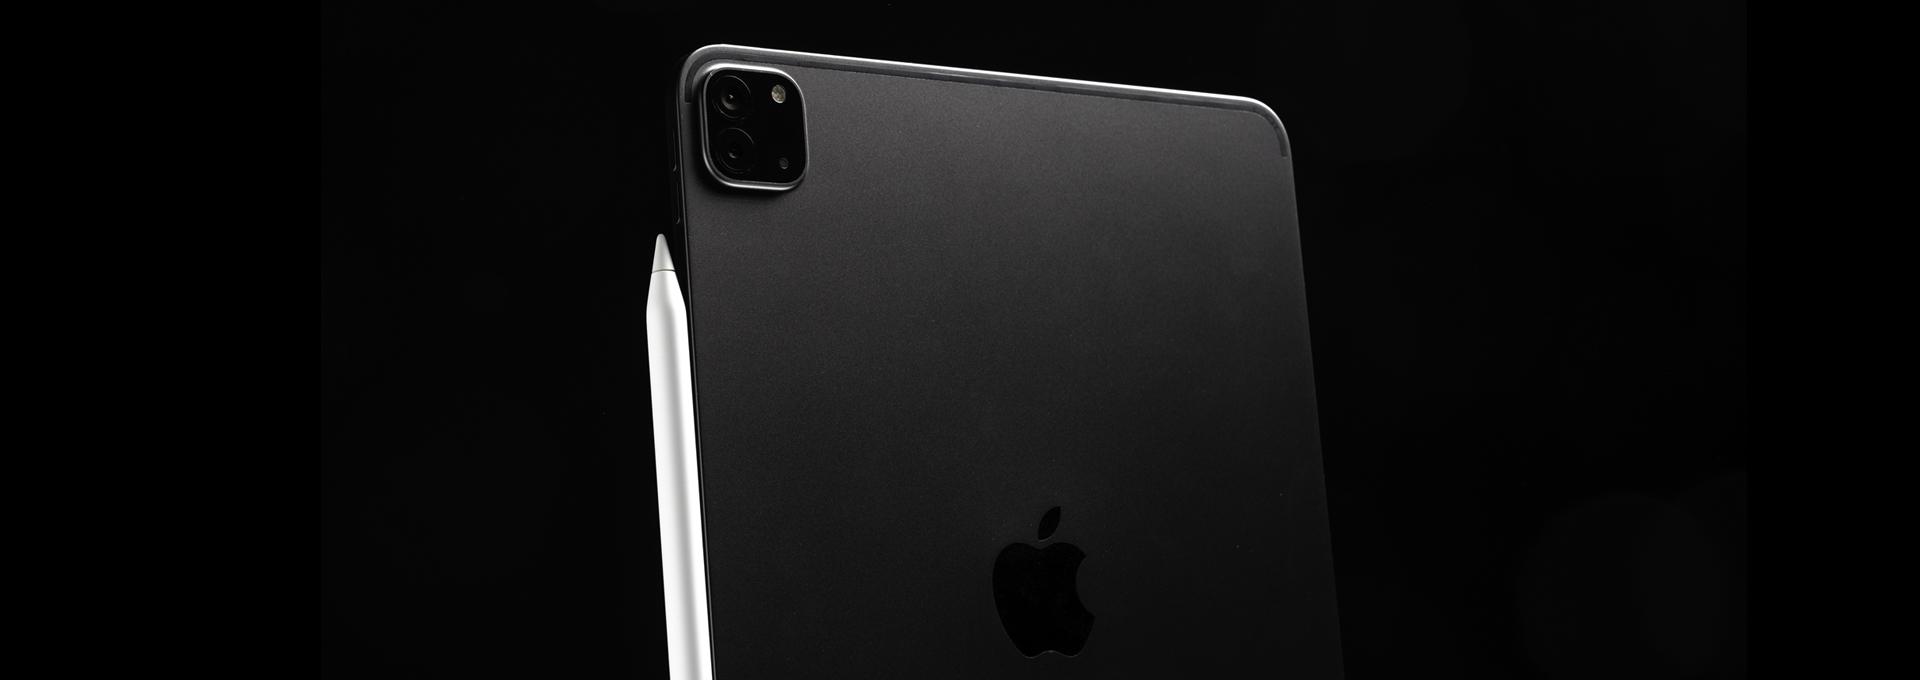 Das iPad Pro 2020 kann andere Büroutensilien wie den Notizblock, die Agenda oder sogar das MacBook ersetzen.